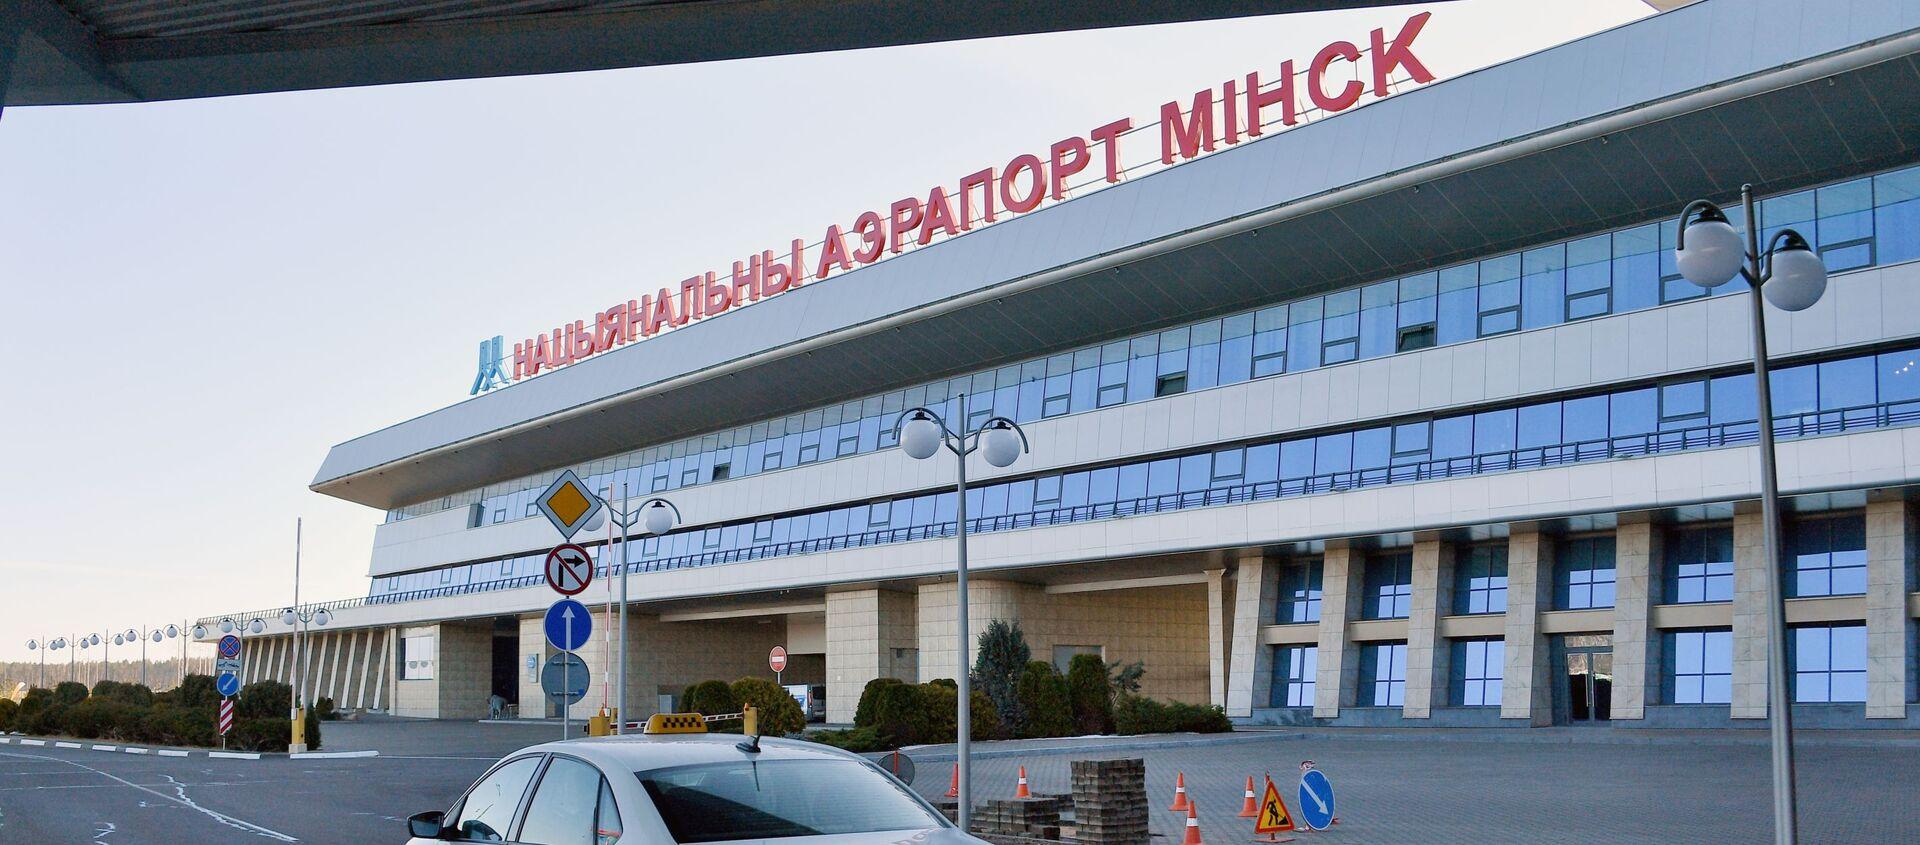 Национальный аэропорт Минск, фото из архива - Sputnik Азербайджан, 1920, 14.04.2021